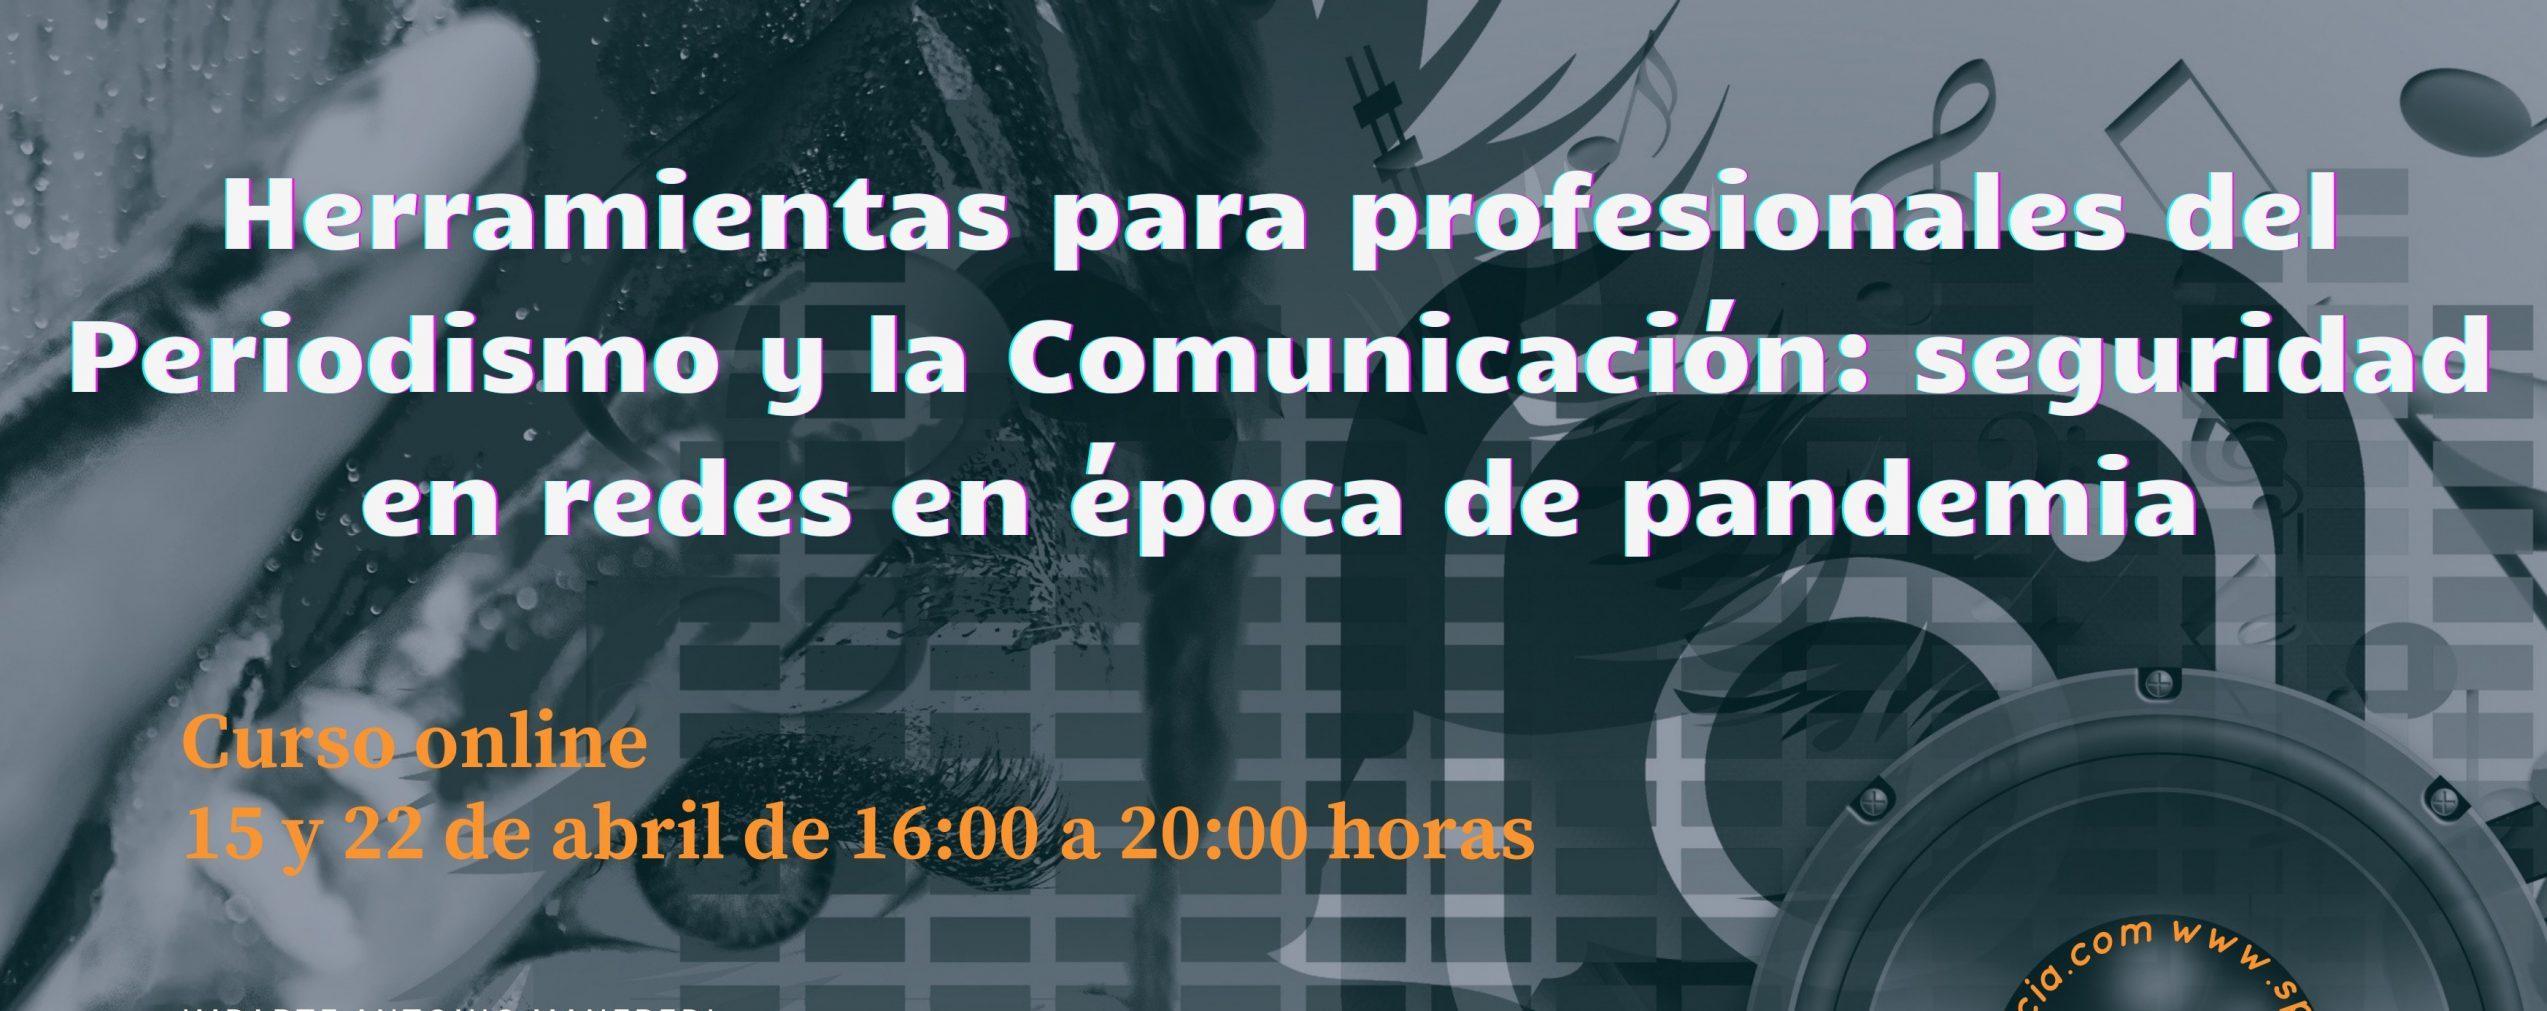 """Curso online """"Herramientas para profesionales del Periodismo y la Comunicación: seguridad en redes en época de pandemia"""" // Jueves 15 y 22 de abril"""